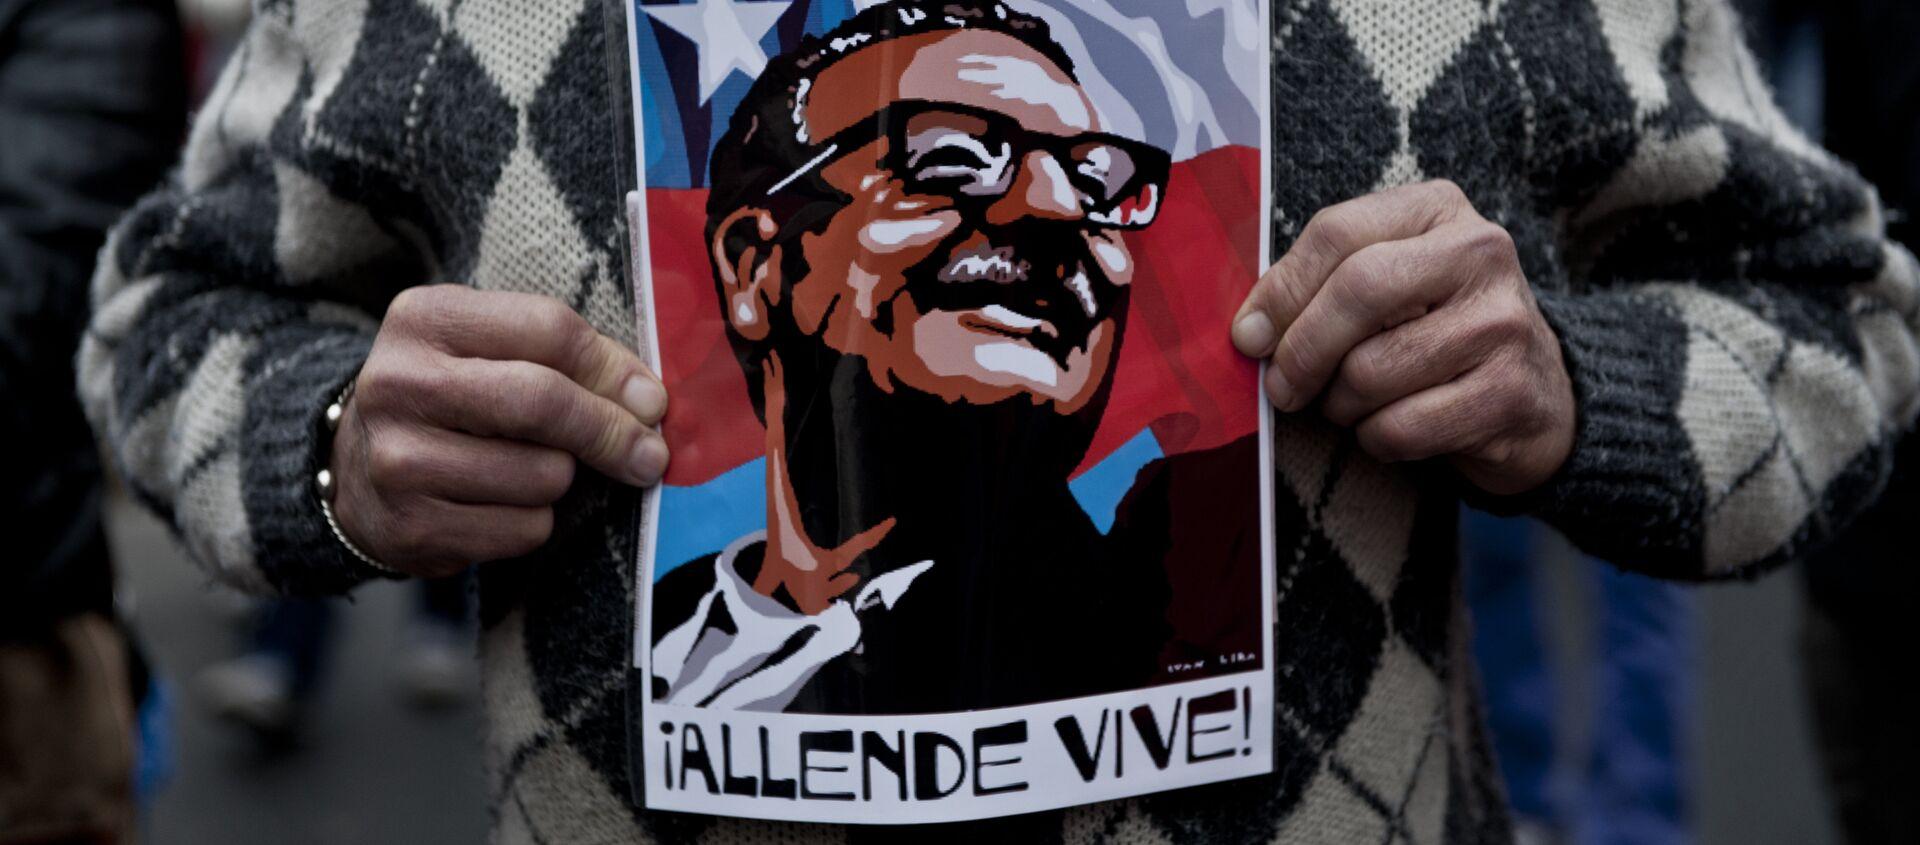 Salvador Allende - Sputnik Mundo, 1920, 11.09.2016